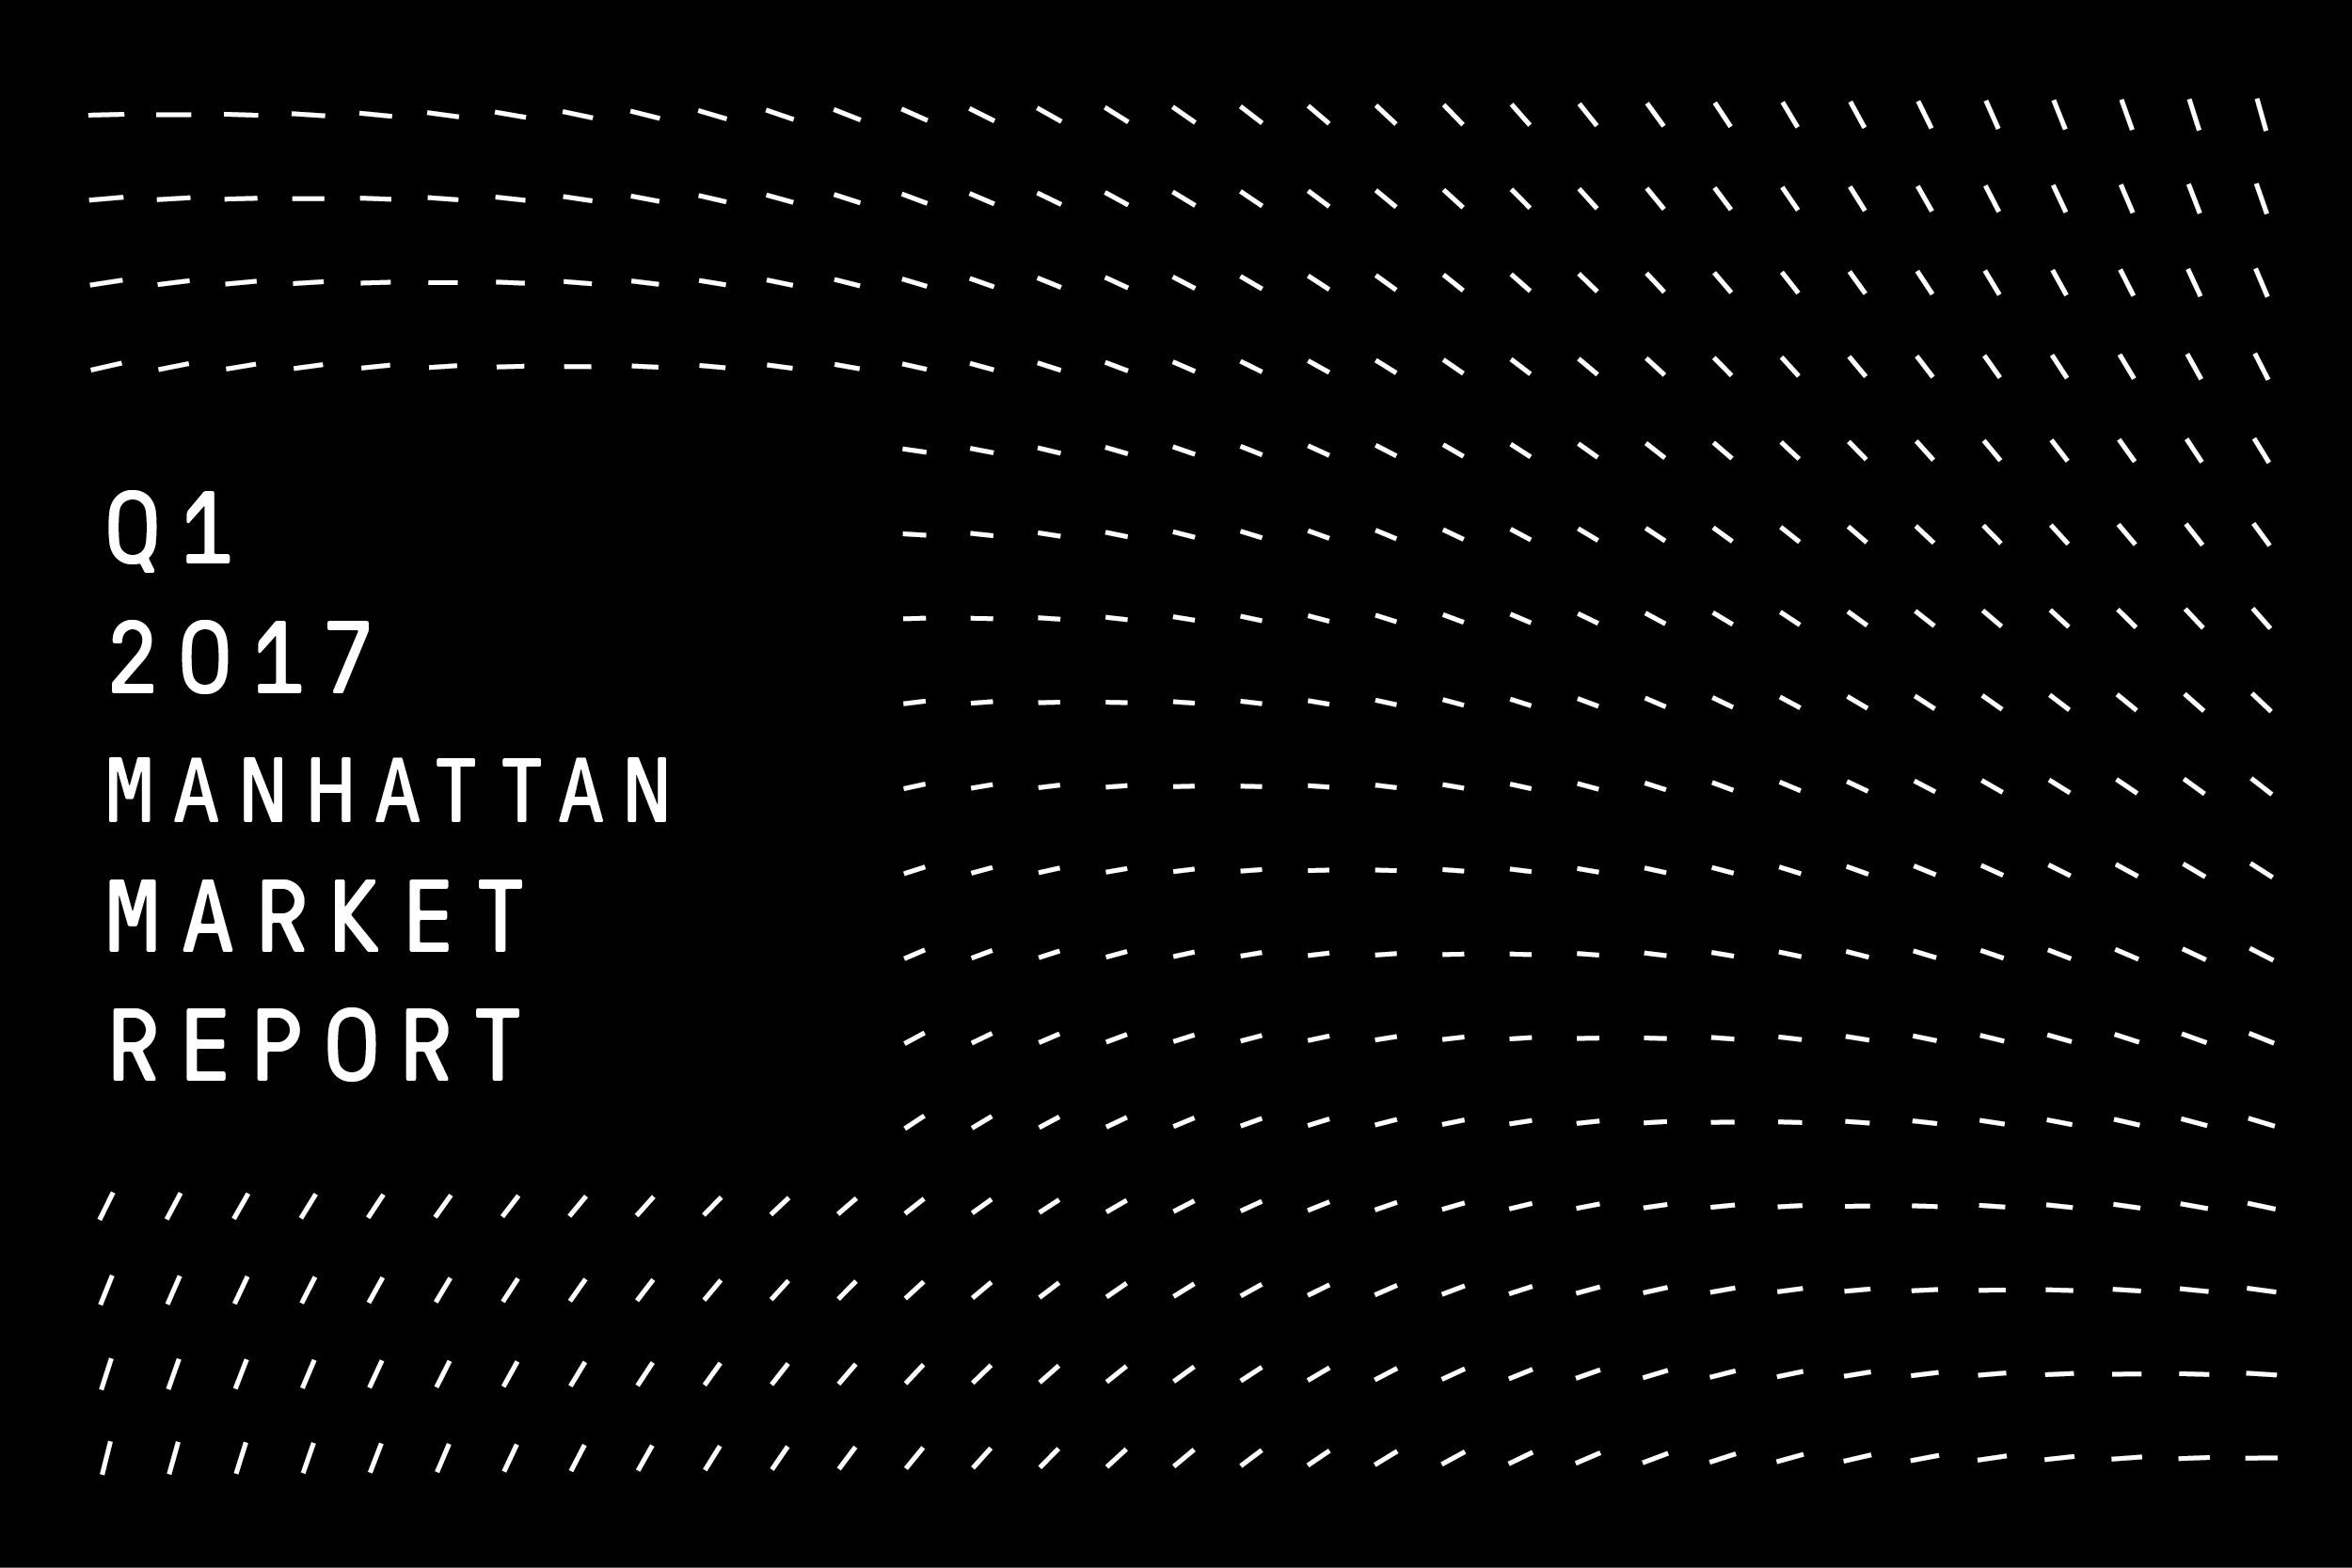 MANHATTAN Q1 2017 MARKET REPORT